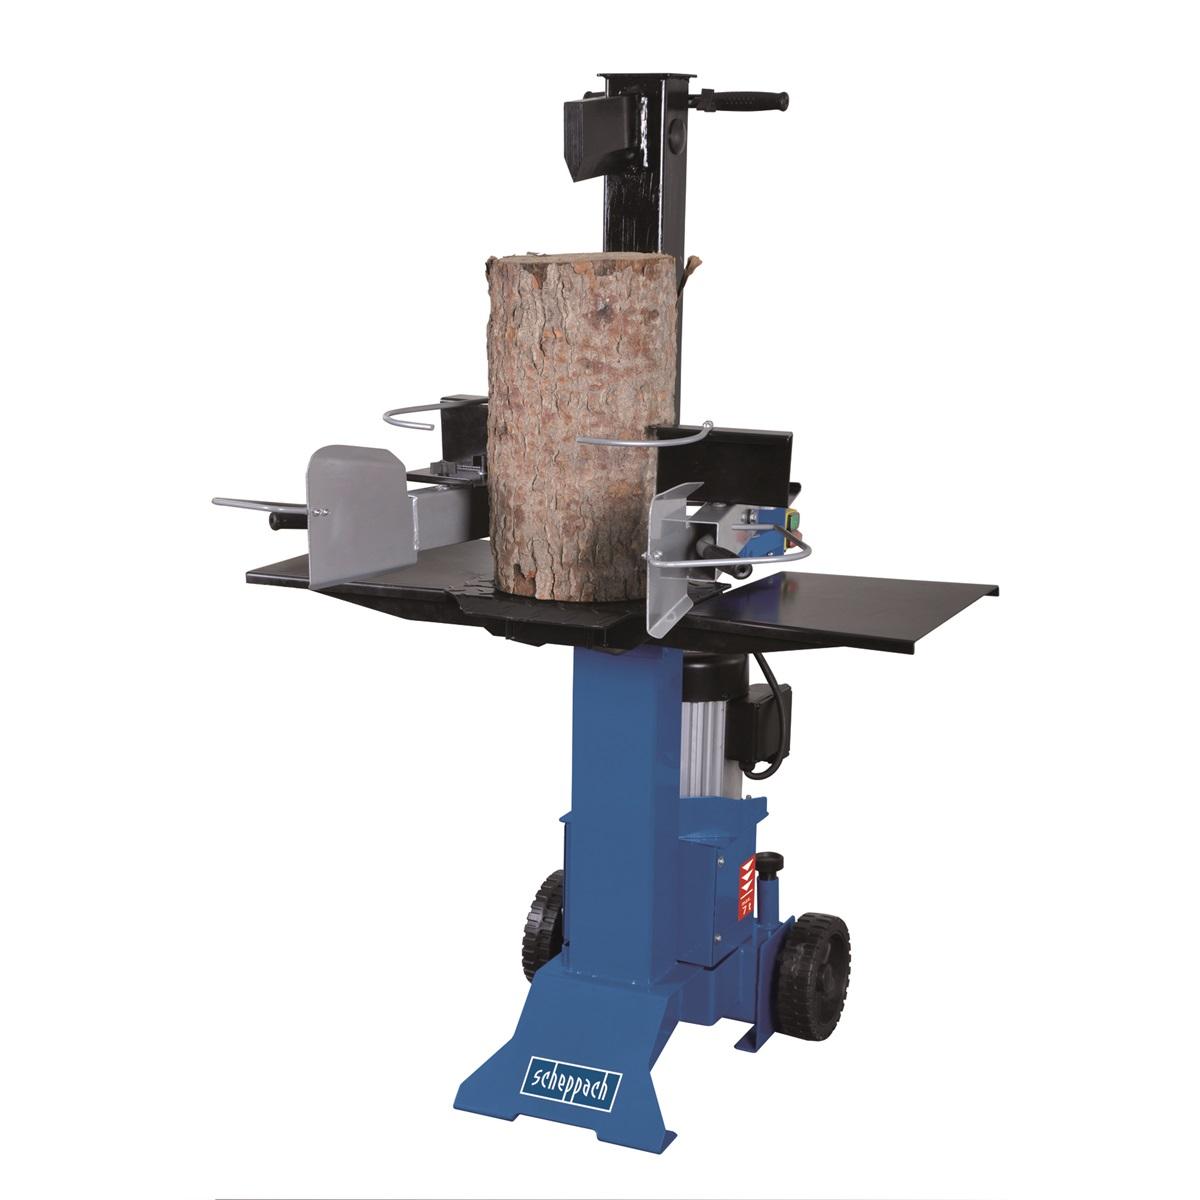 Scheppach HL 730 vertikální štípač na dřevo 7t (400 V) + sestavení + příprava k provozu + servis EXTRA